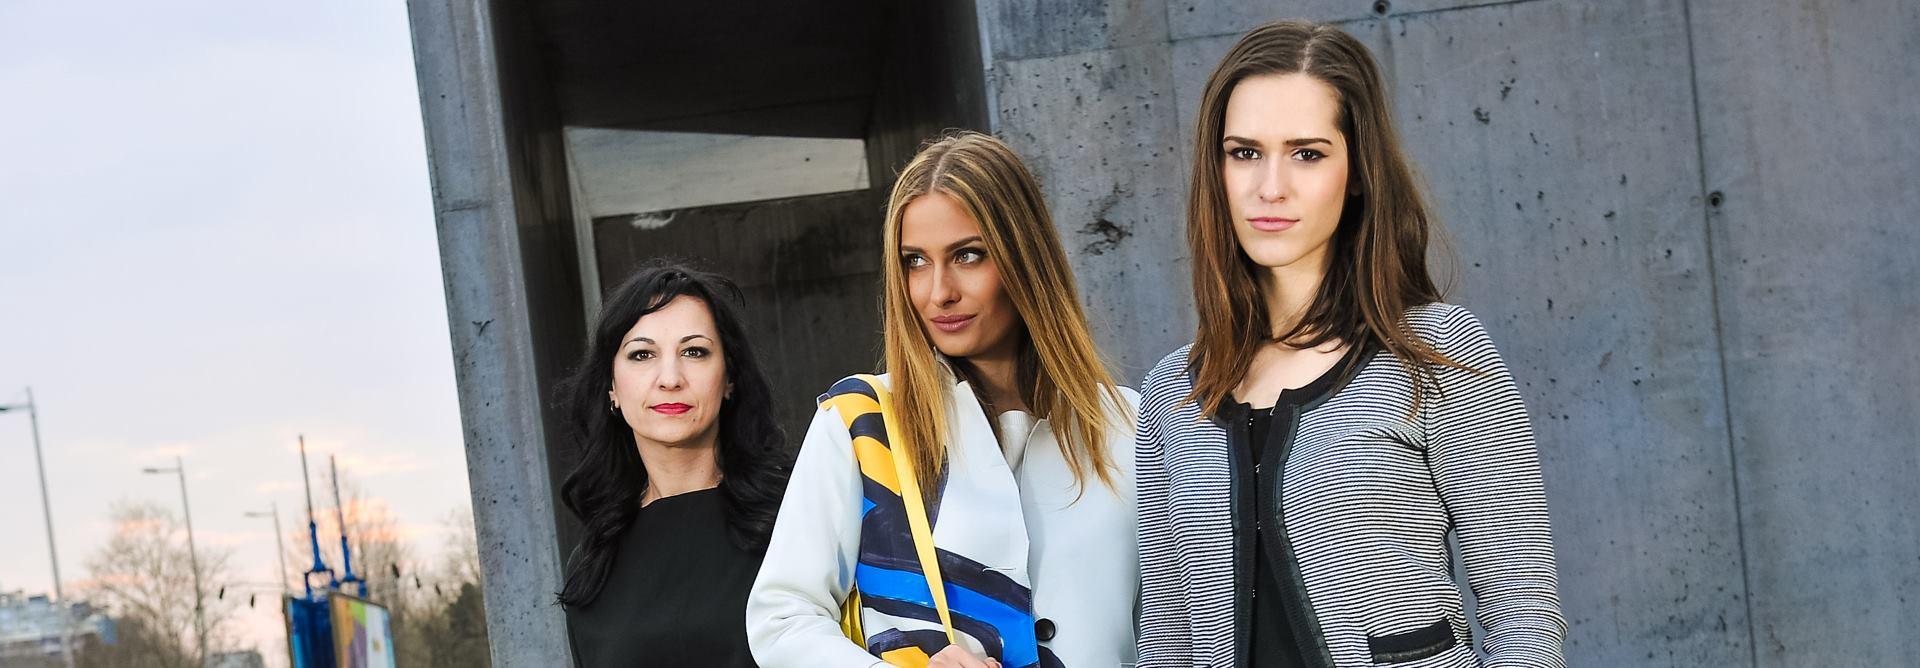 DOSSIER Modne i beauty blogerice sve utjecajnije u Hrvatskoj